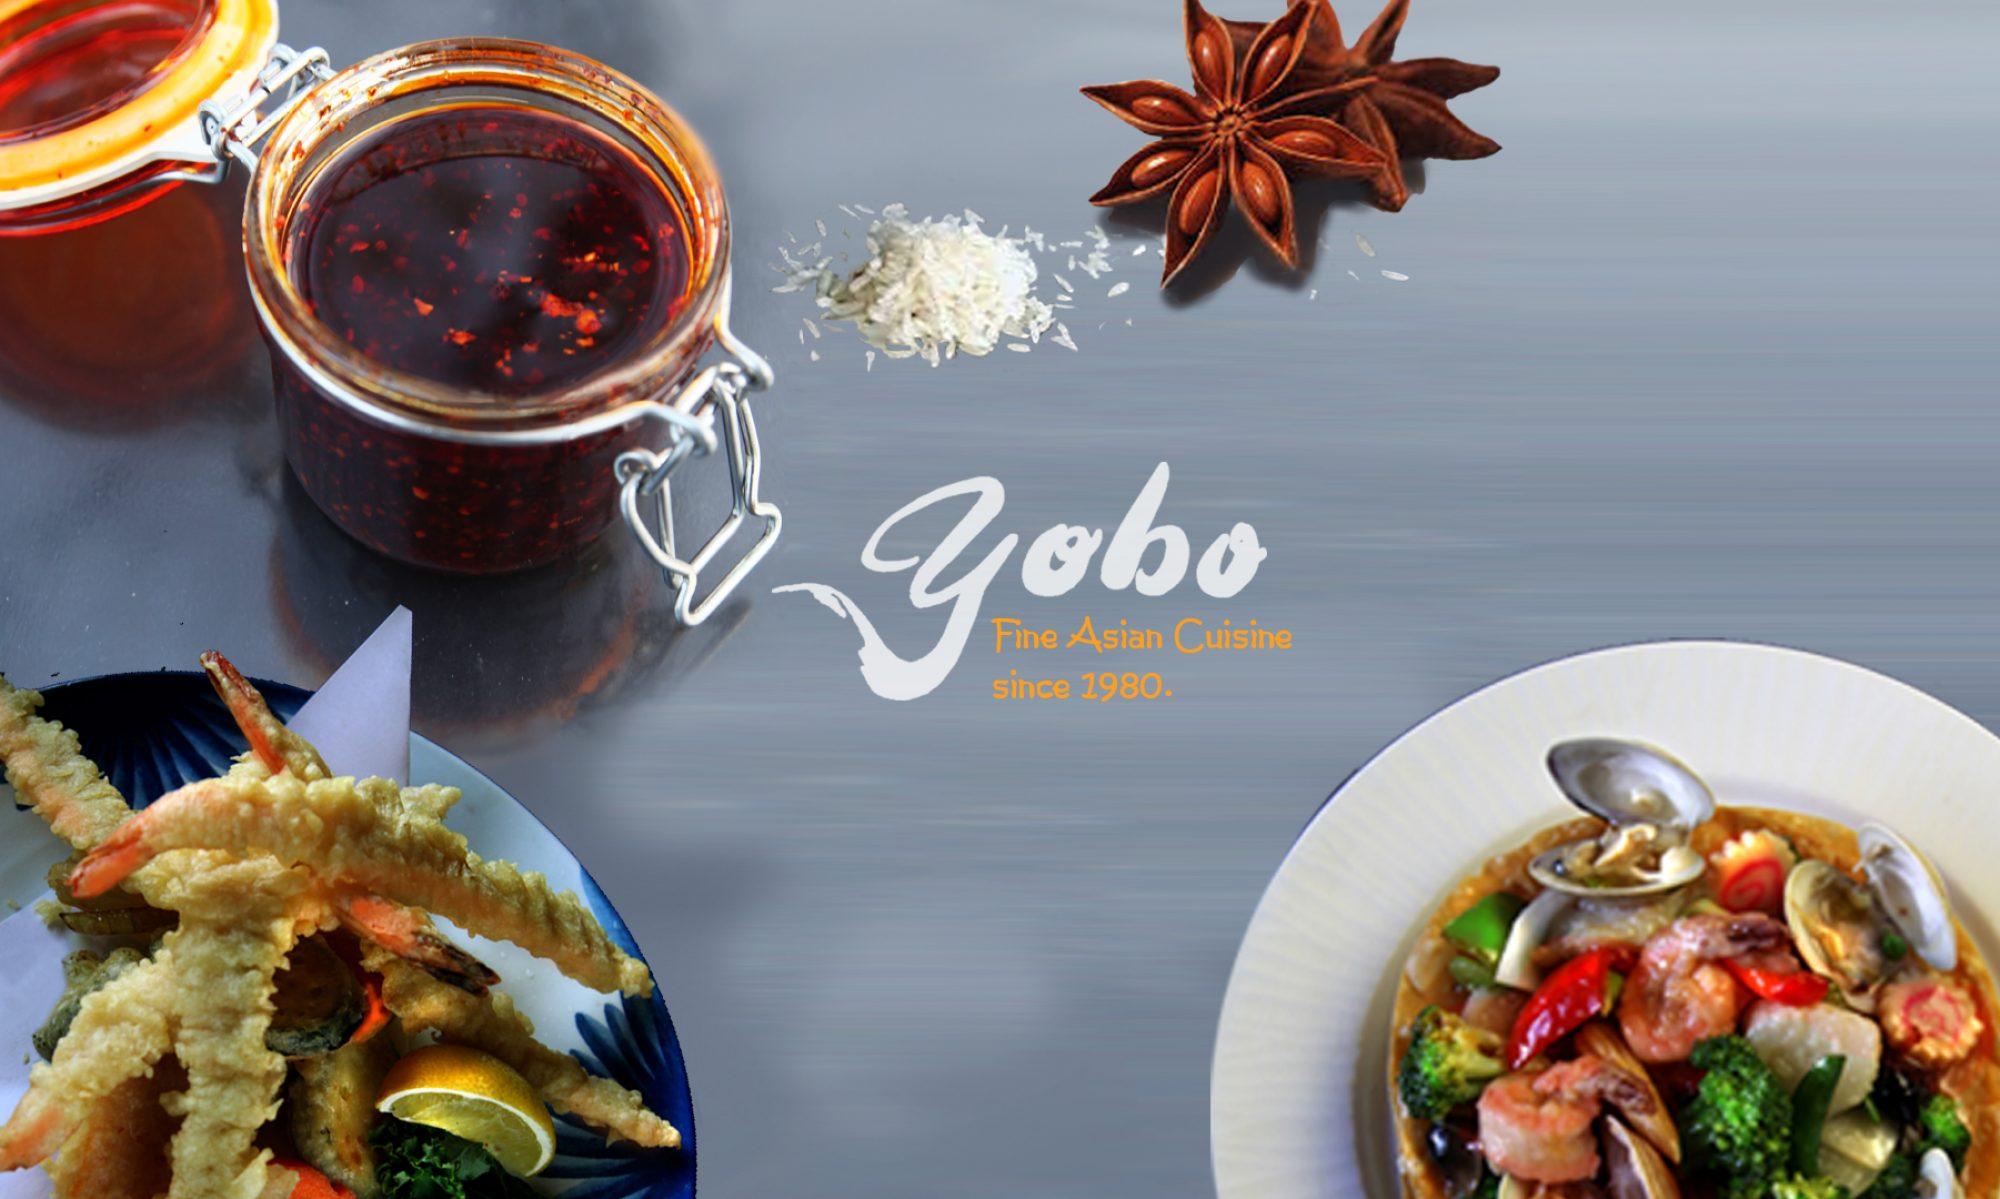 YOBO RESTAURANT